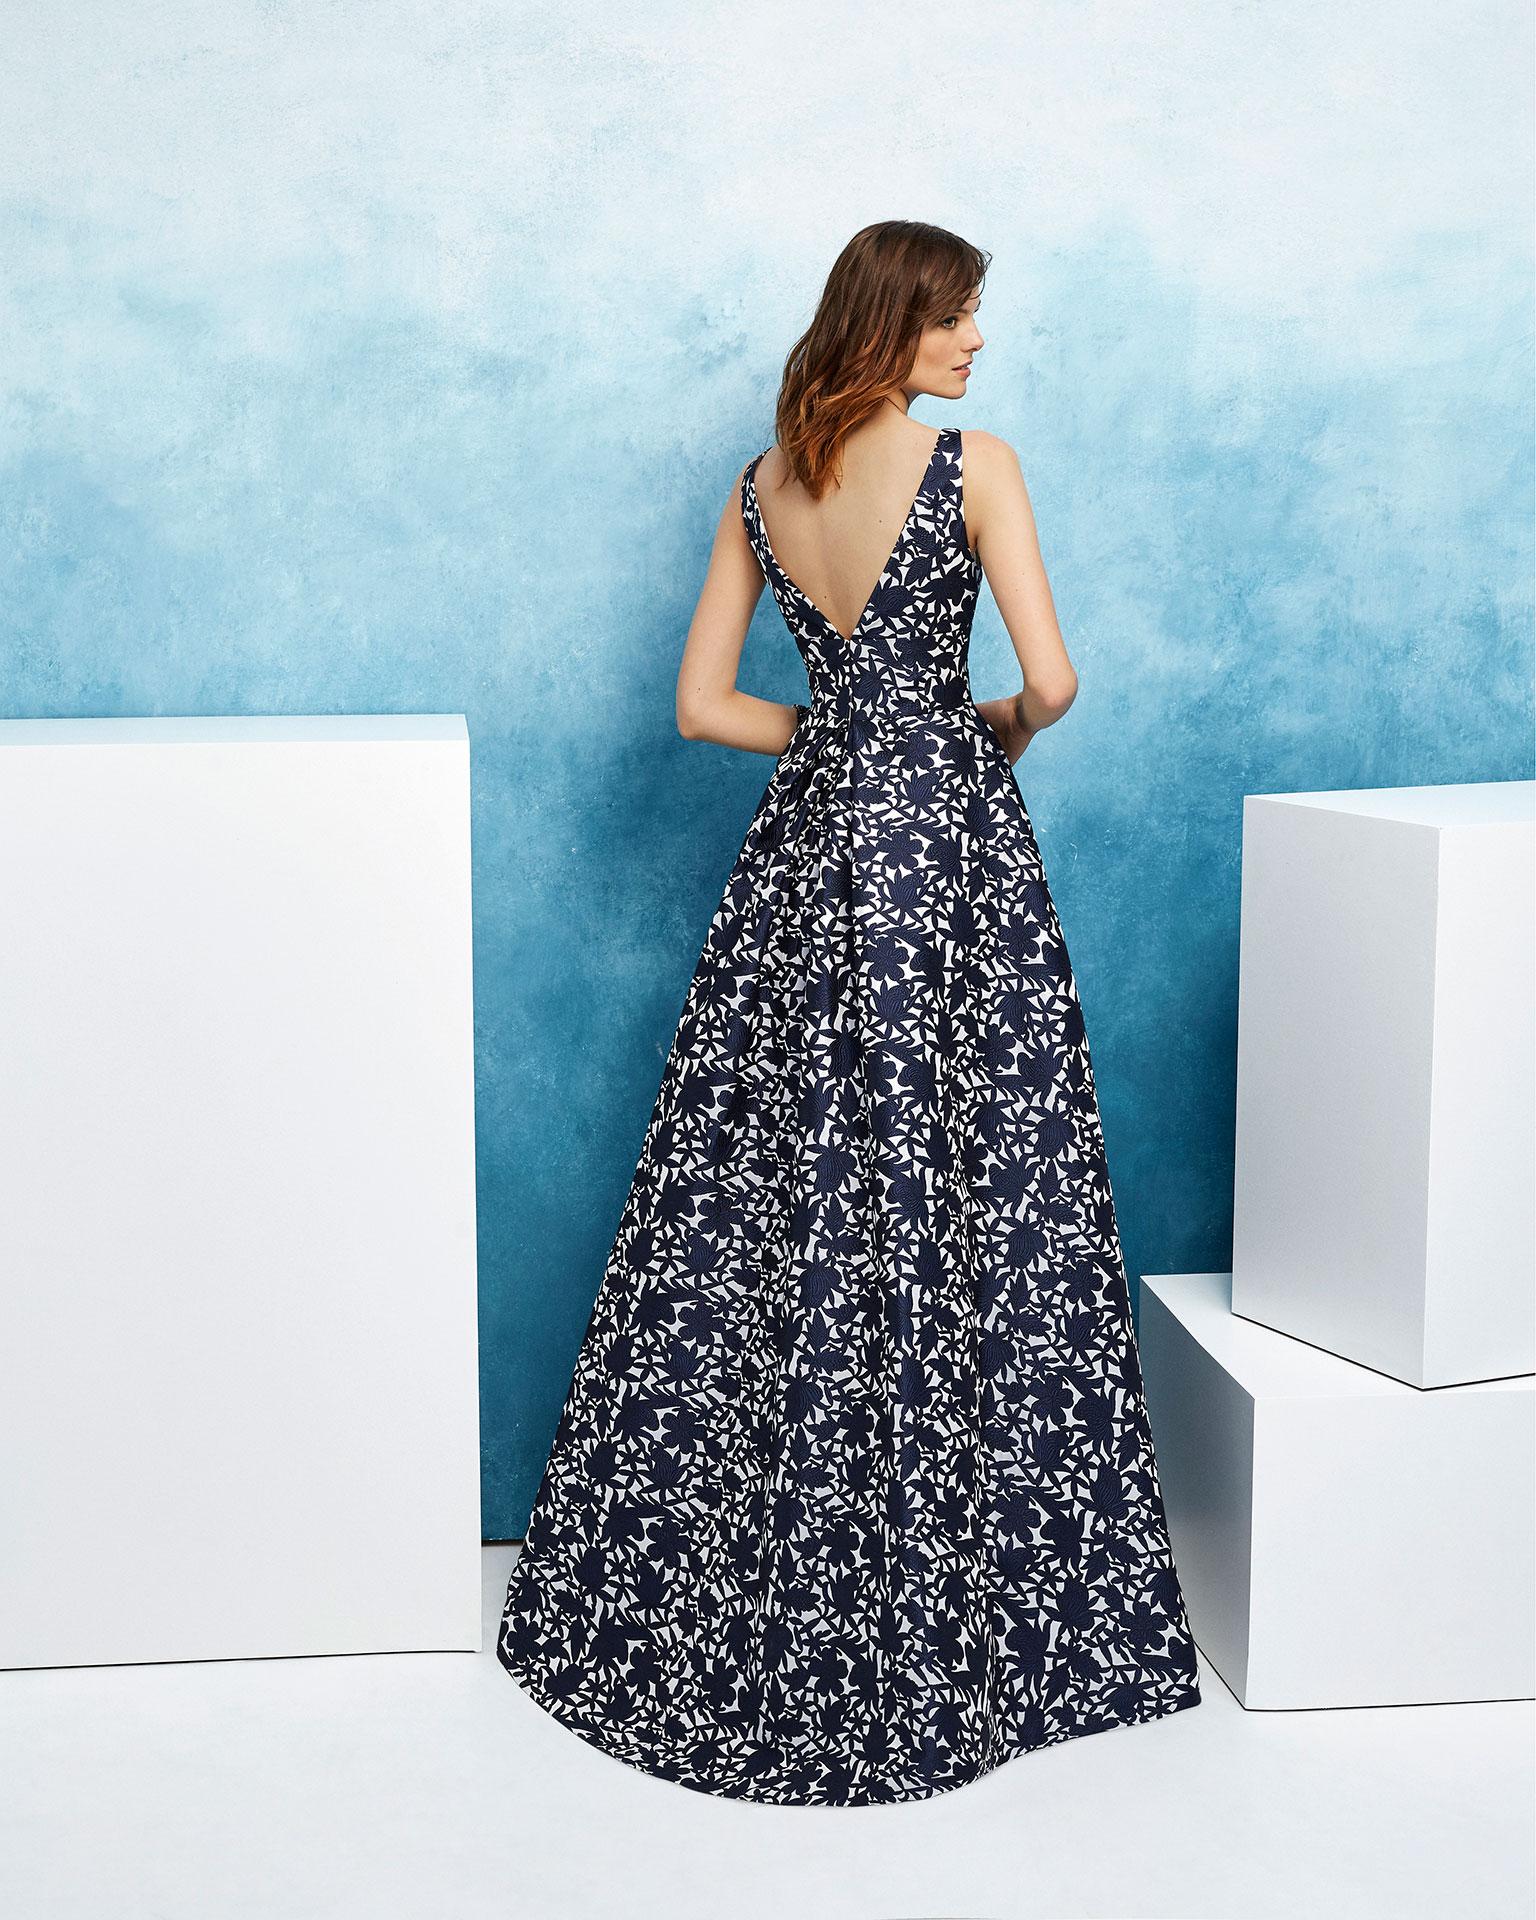 Vestido de fiesta corte clásico en brocado. Escote en V y sin mangas. Colección AIRE_BARCELONA_FIESTA 2019.